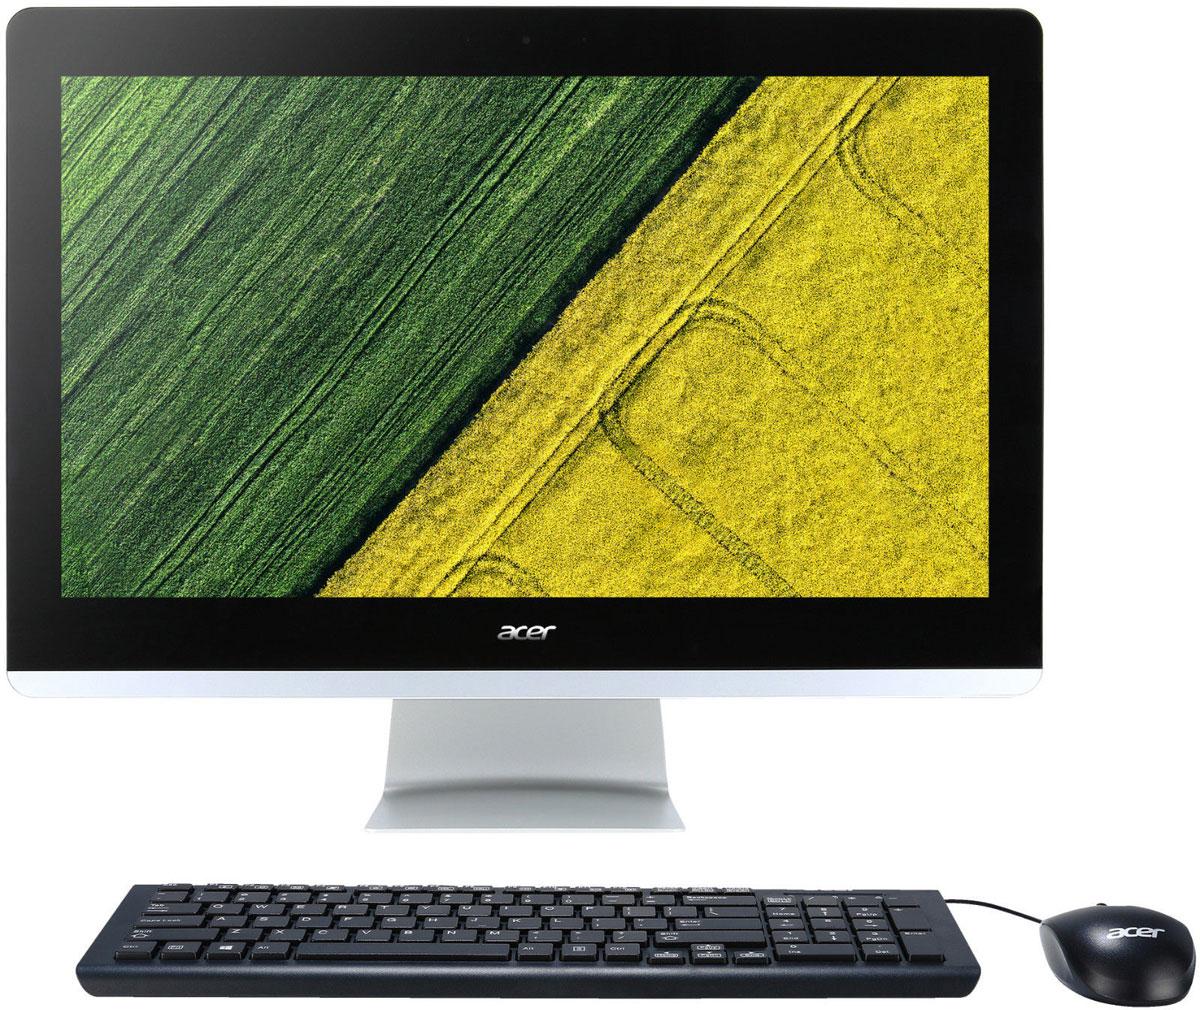 Acer Aspire Z22-780, Black моноблок (DQ.B82ER.002) - Настольные компьютеры и моноблоки